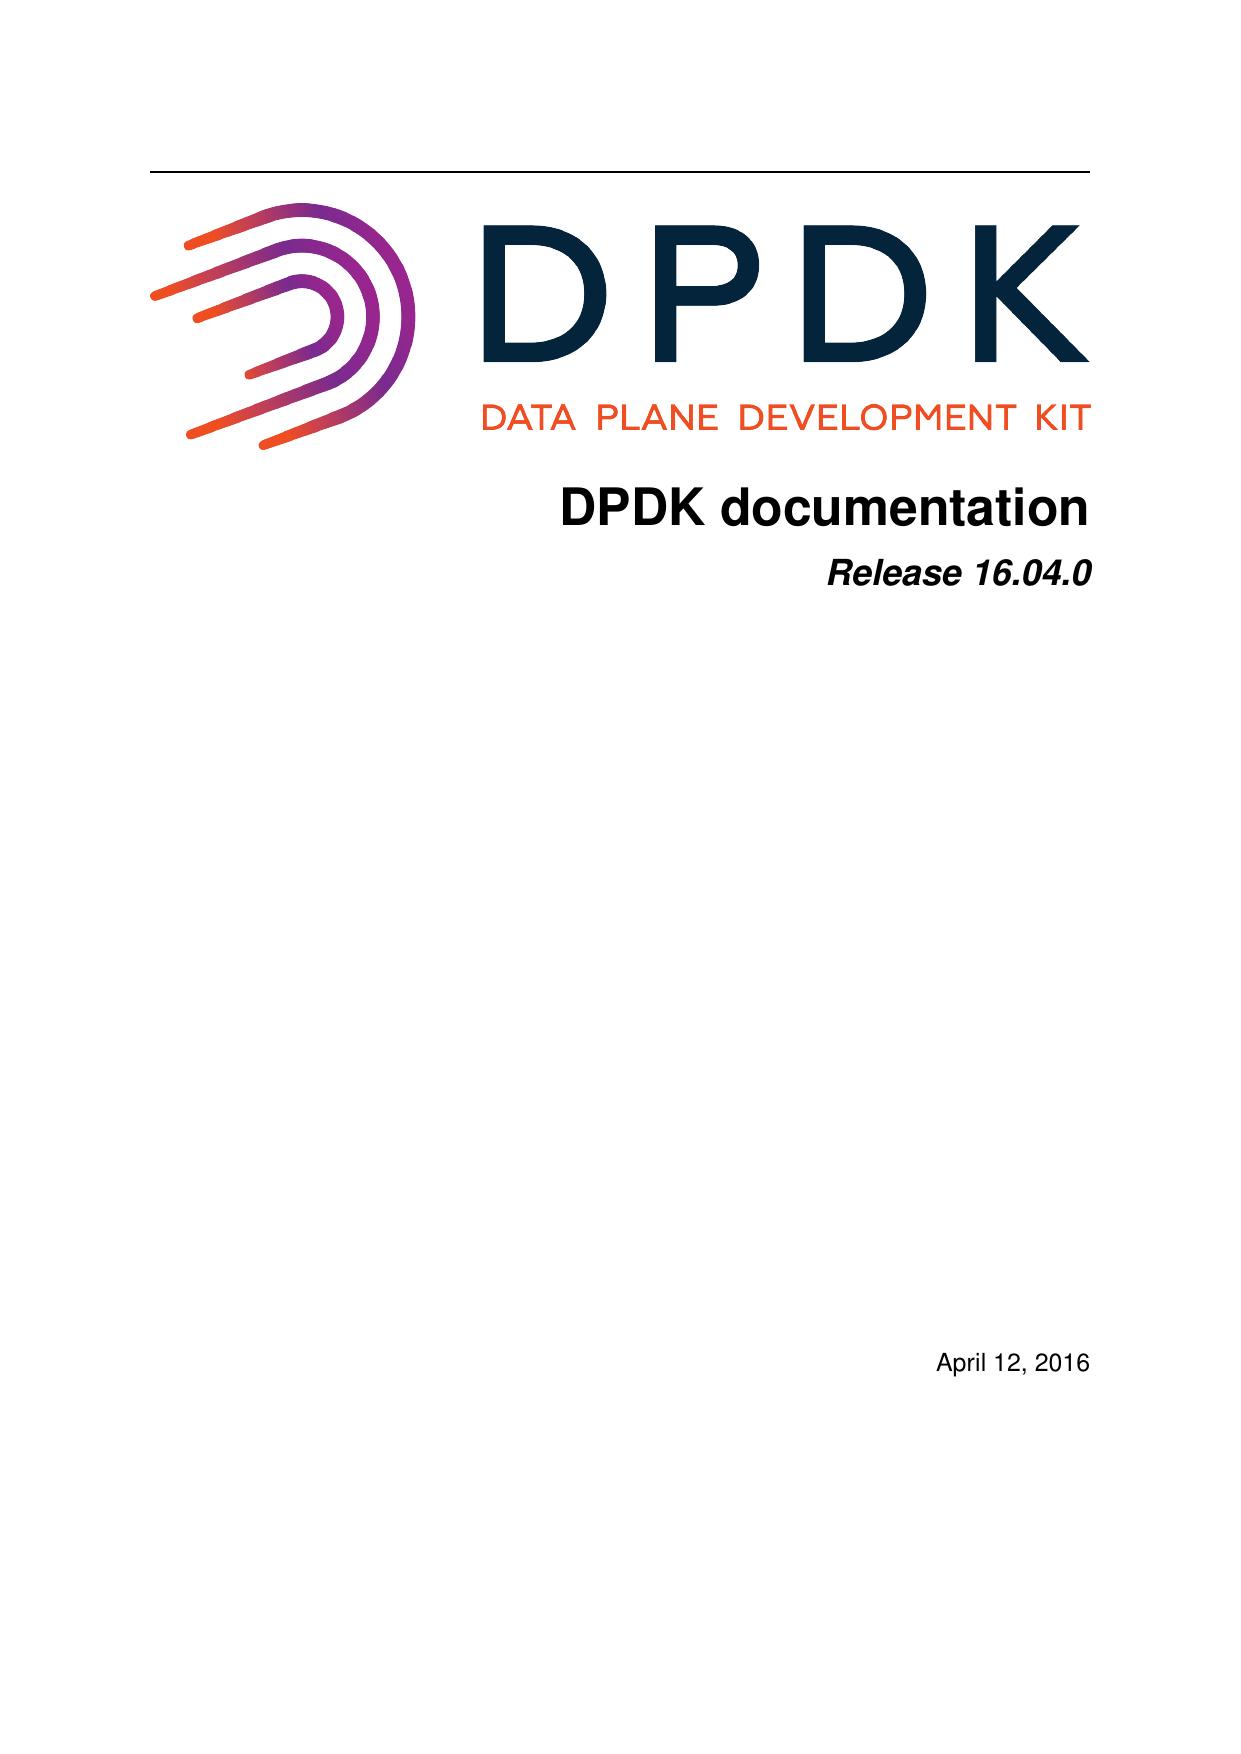 DPDK documentation | manualzz com